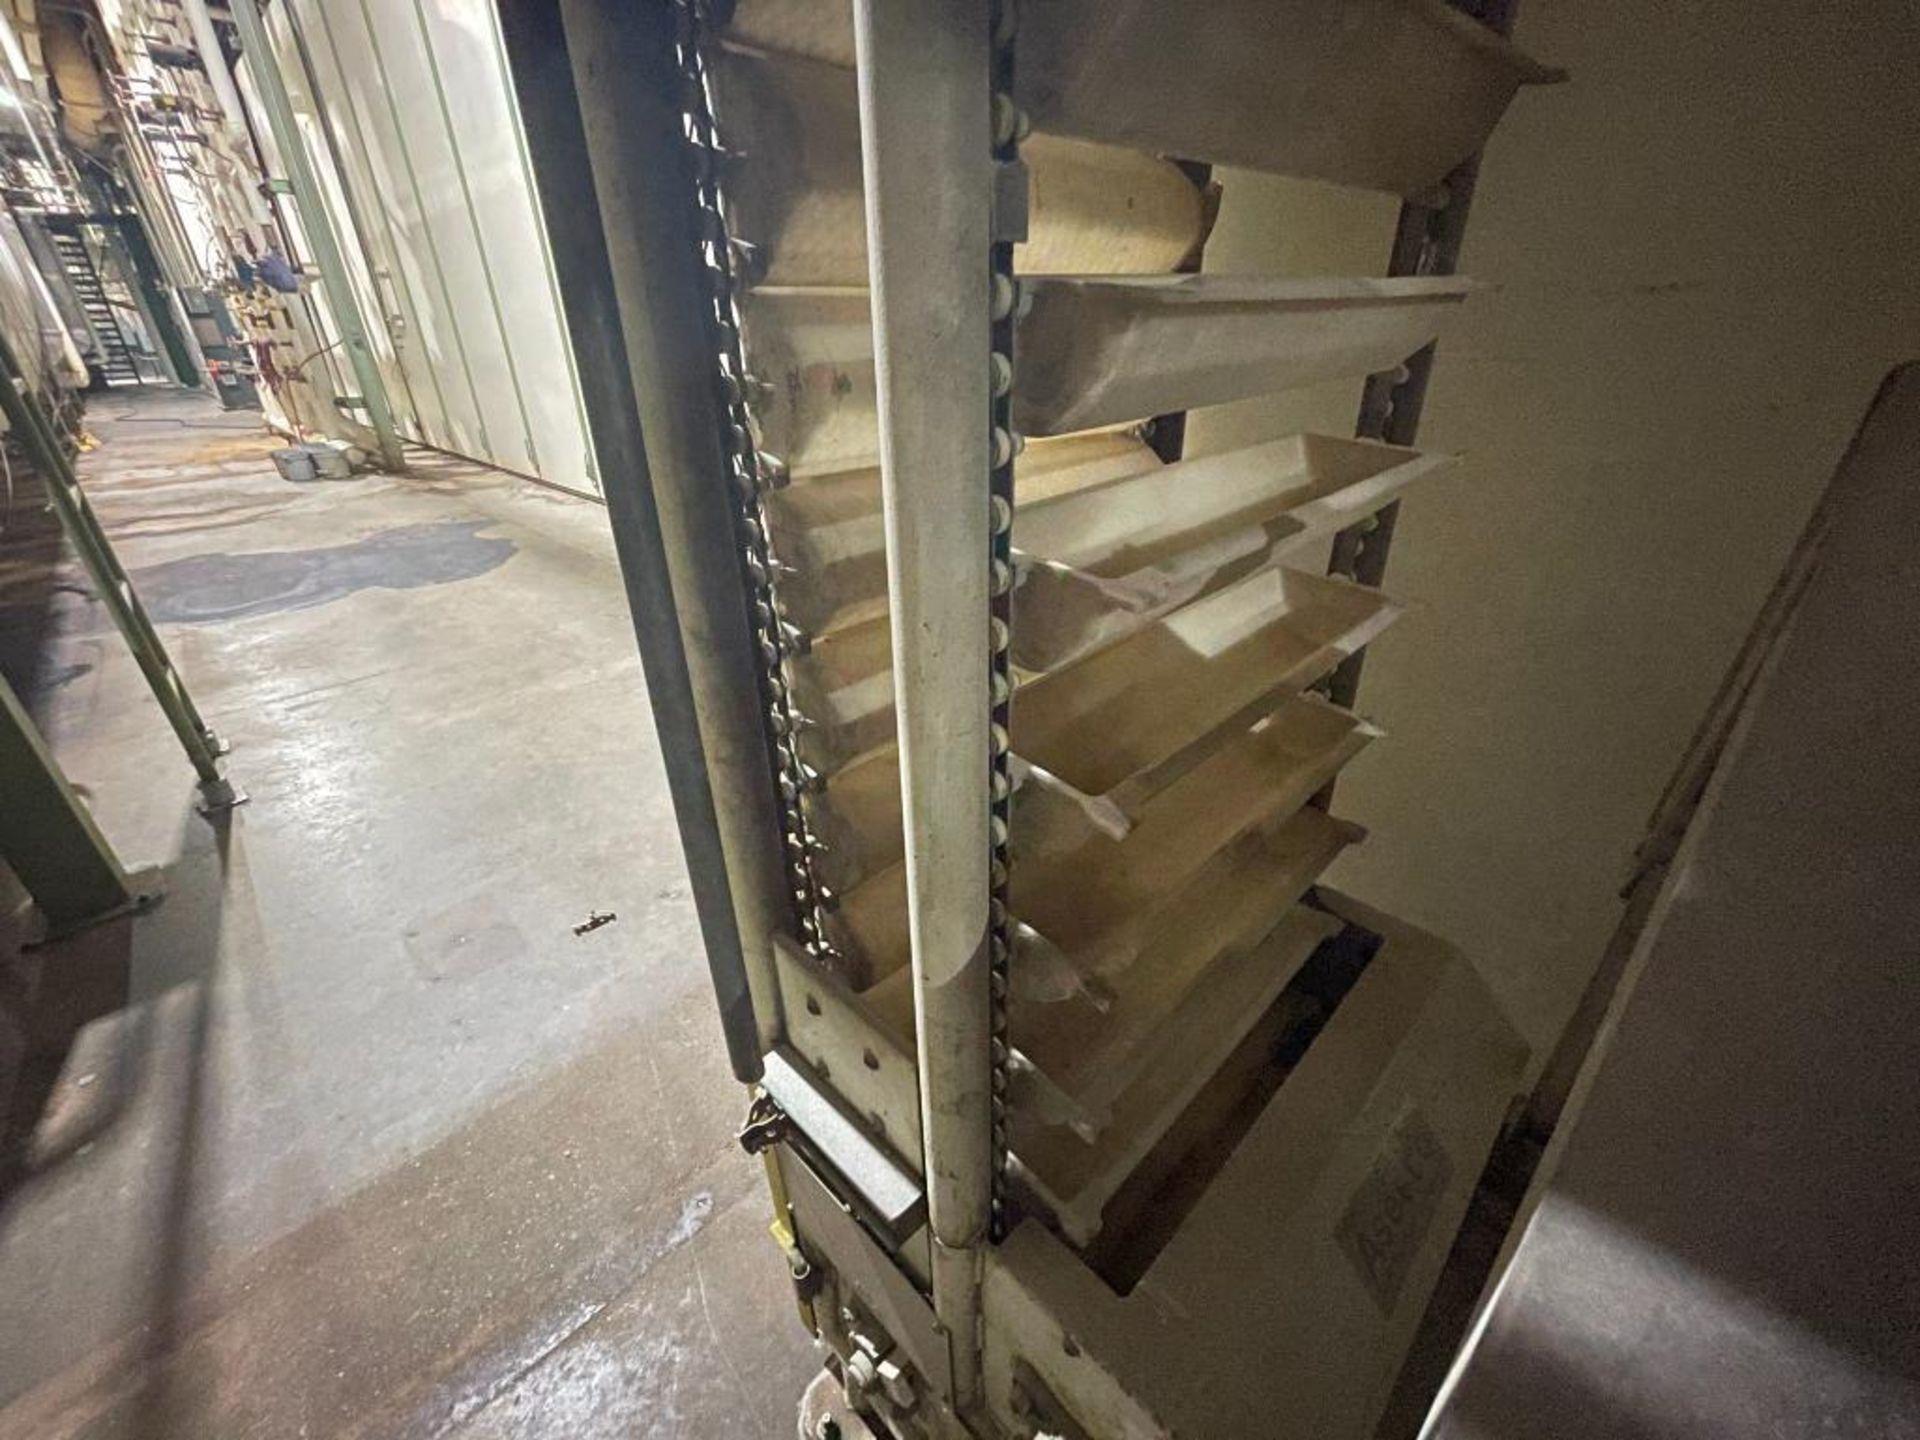 Aseeco overlapping bucket elevator - Image 12 of 14